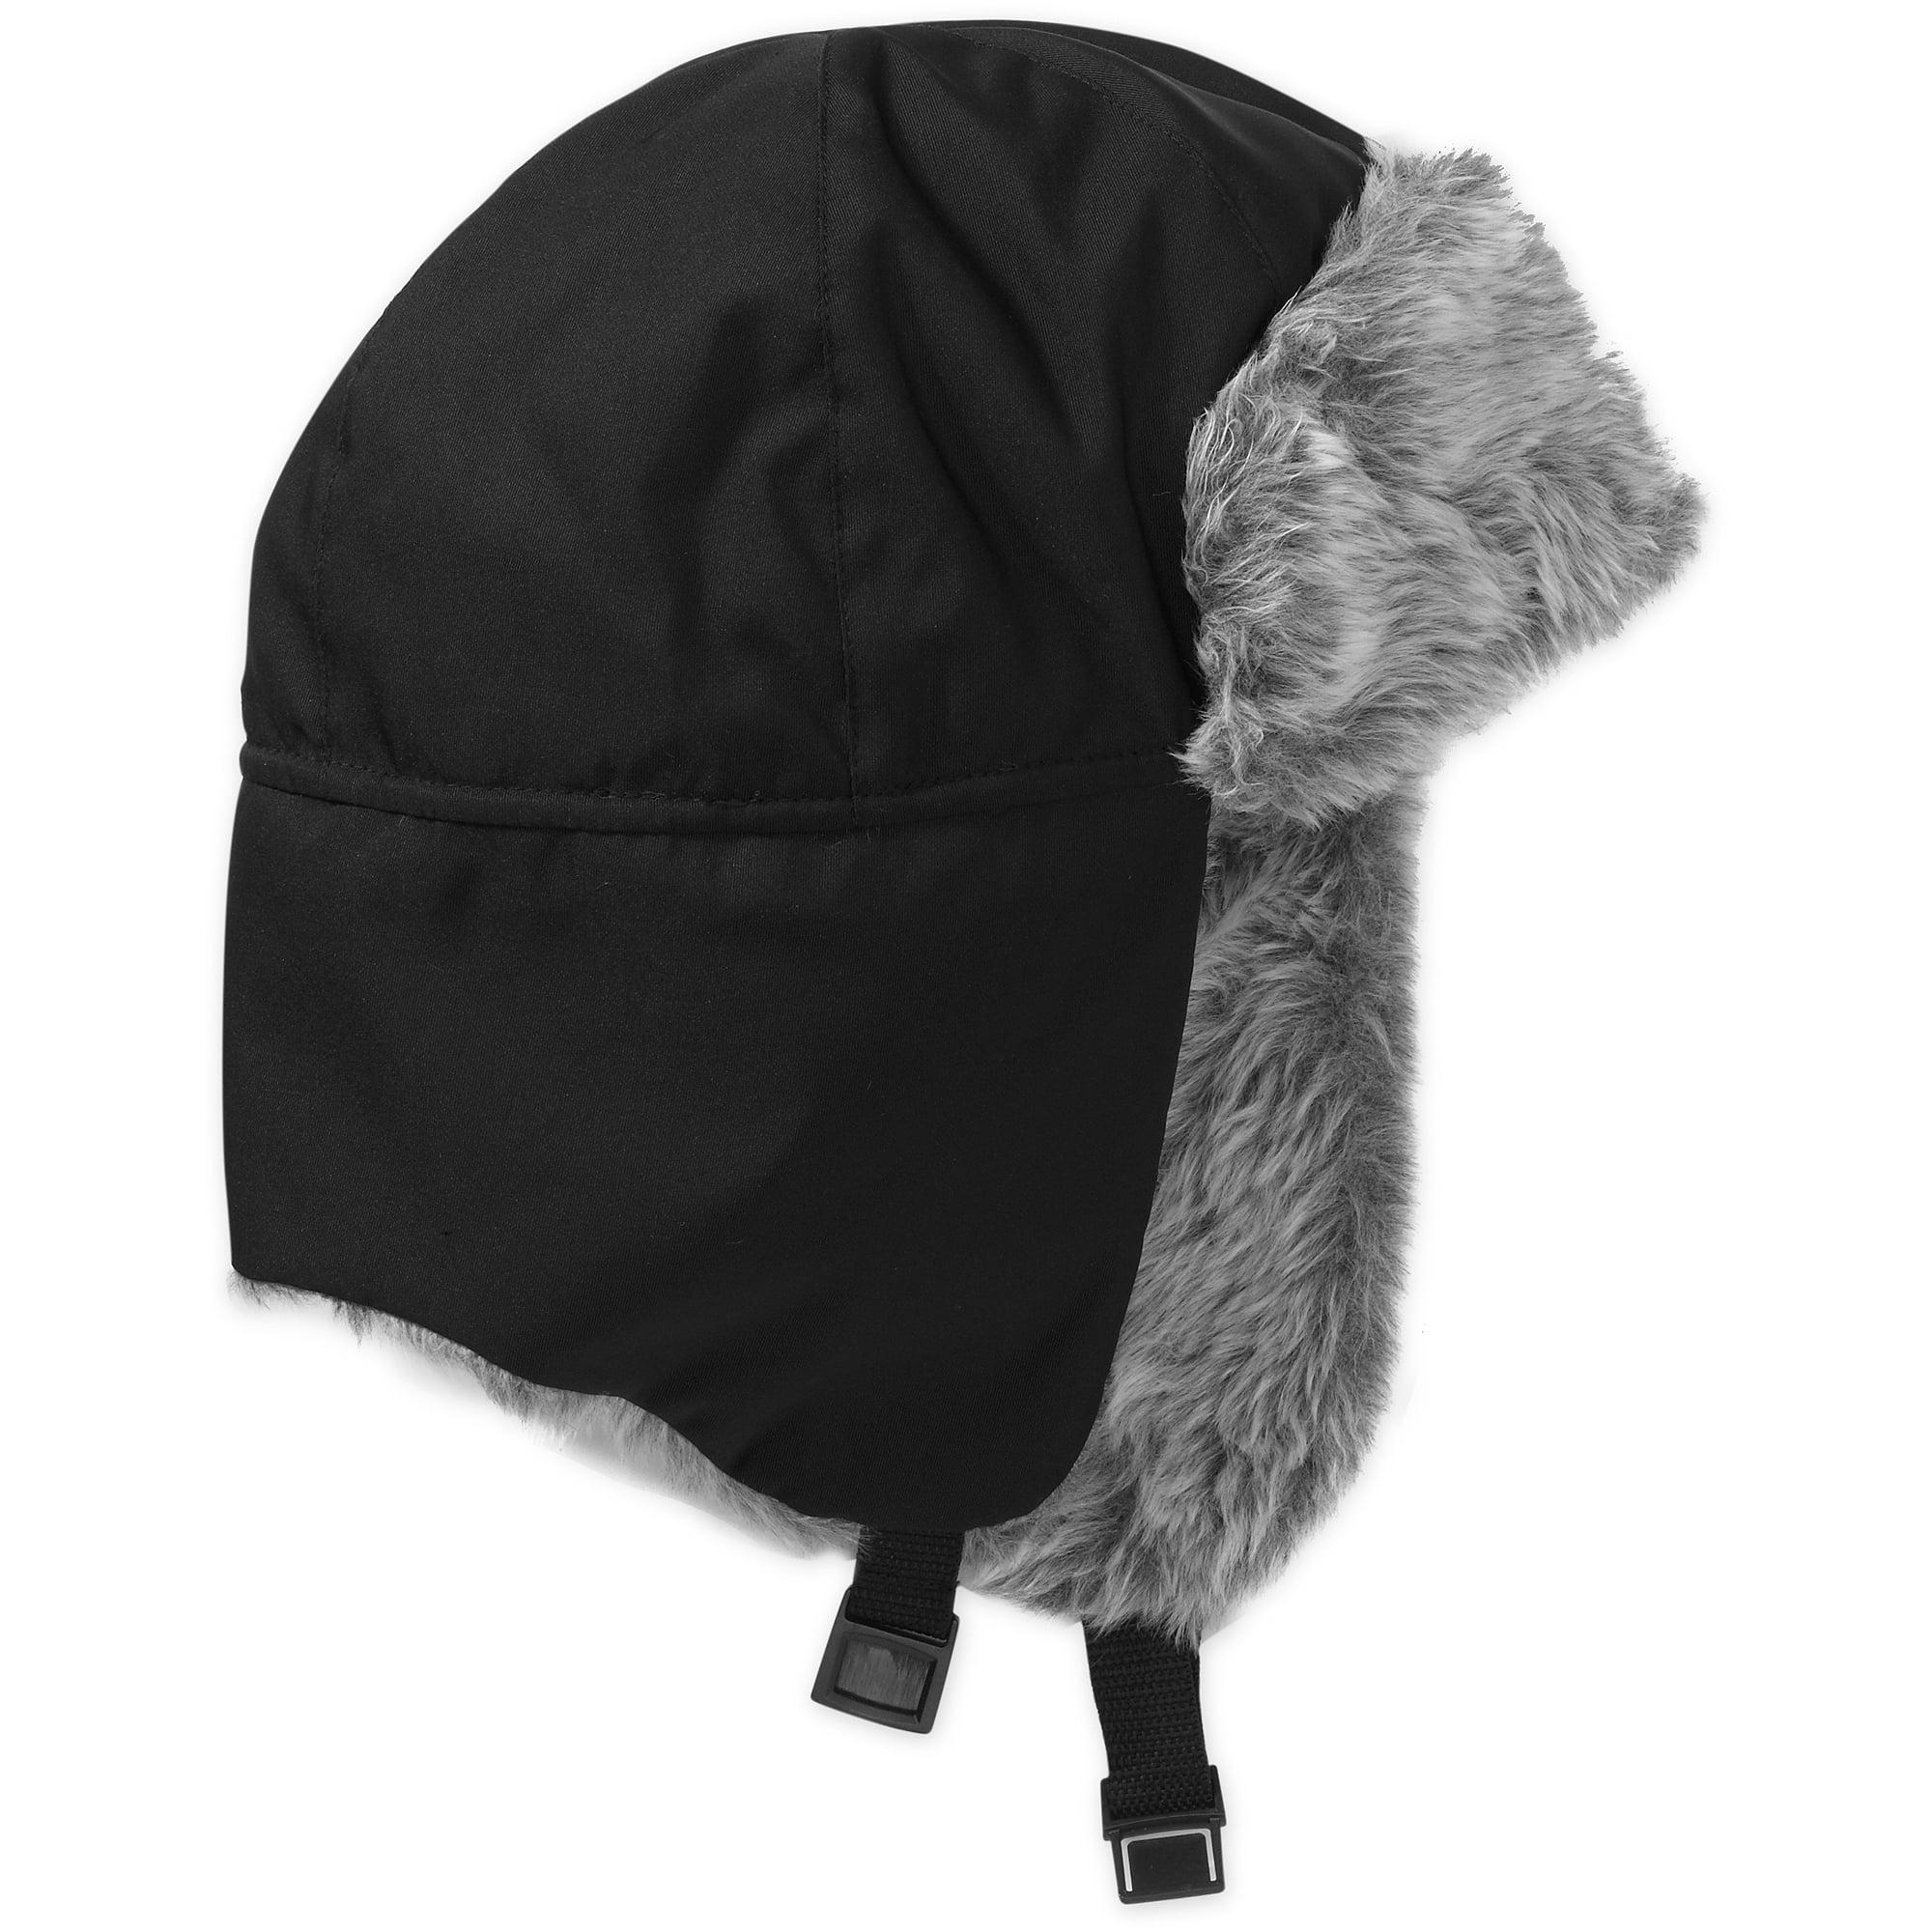 Men's Trapper Hat With Faux Fur